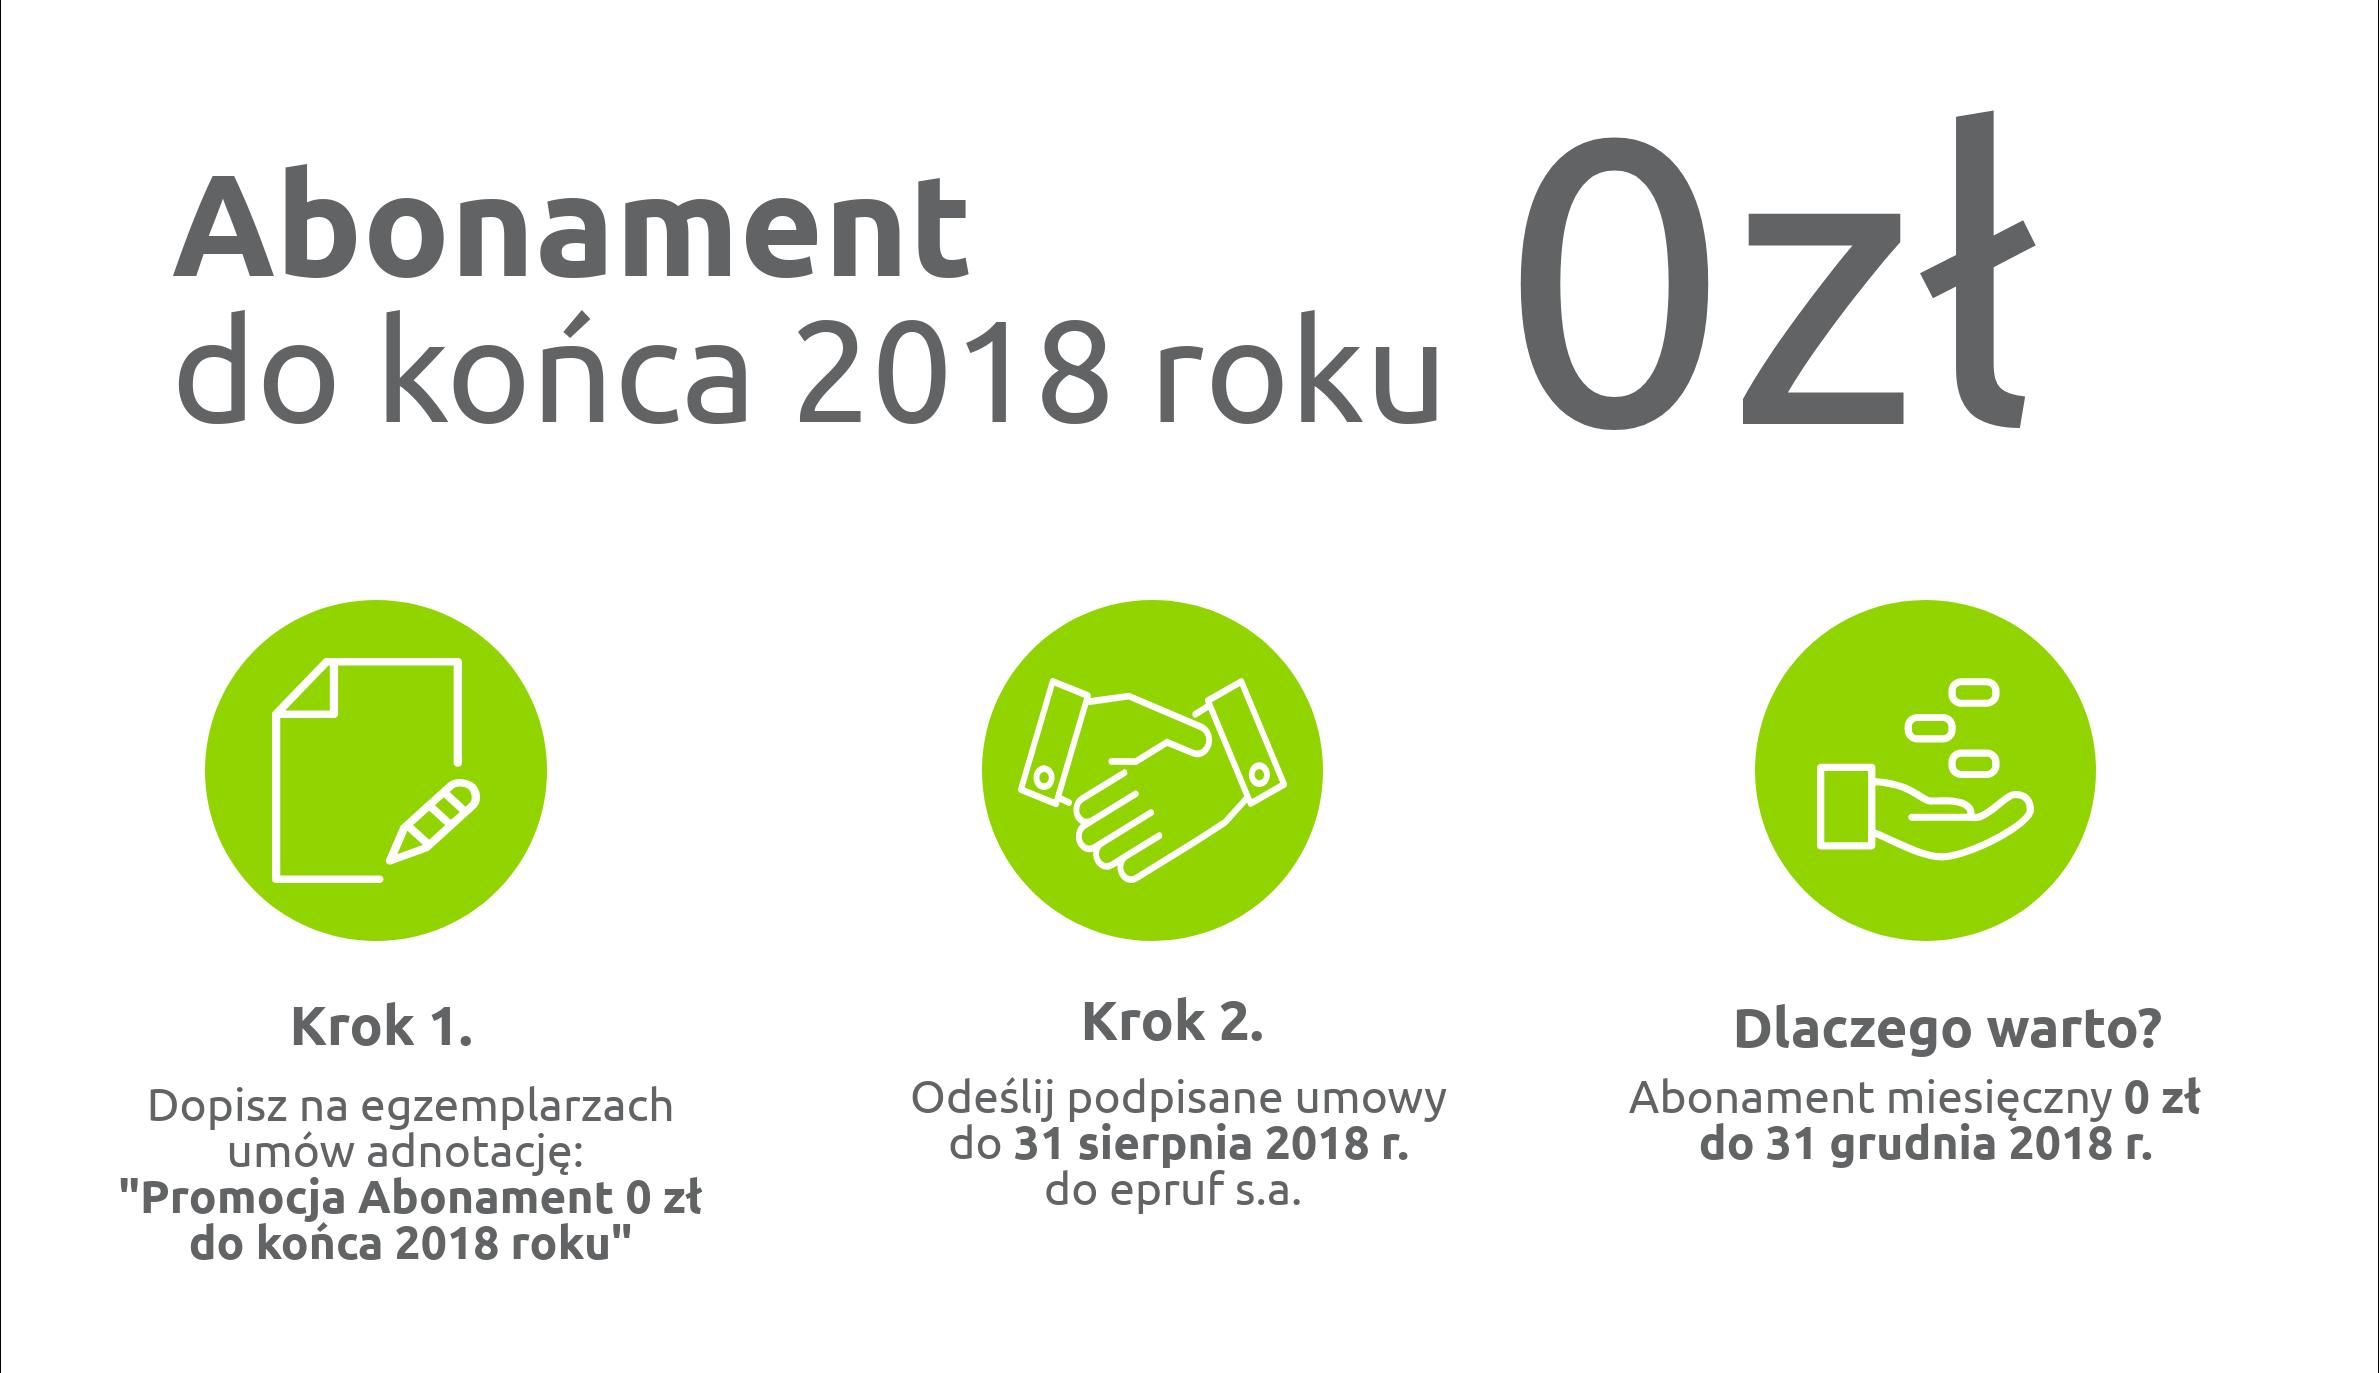 Promocja dla aptek - abonament 0 zł